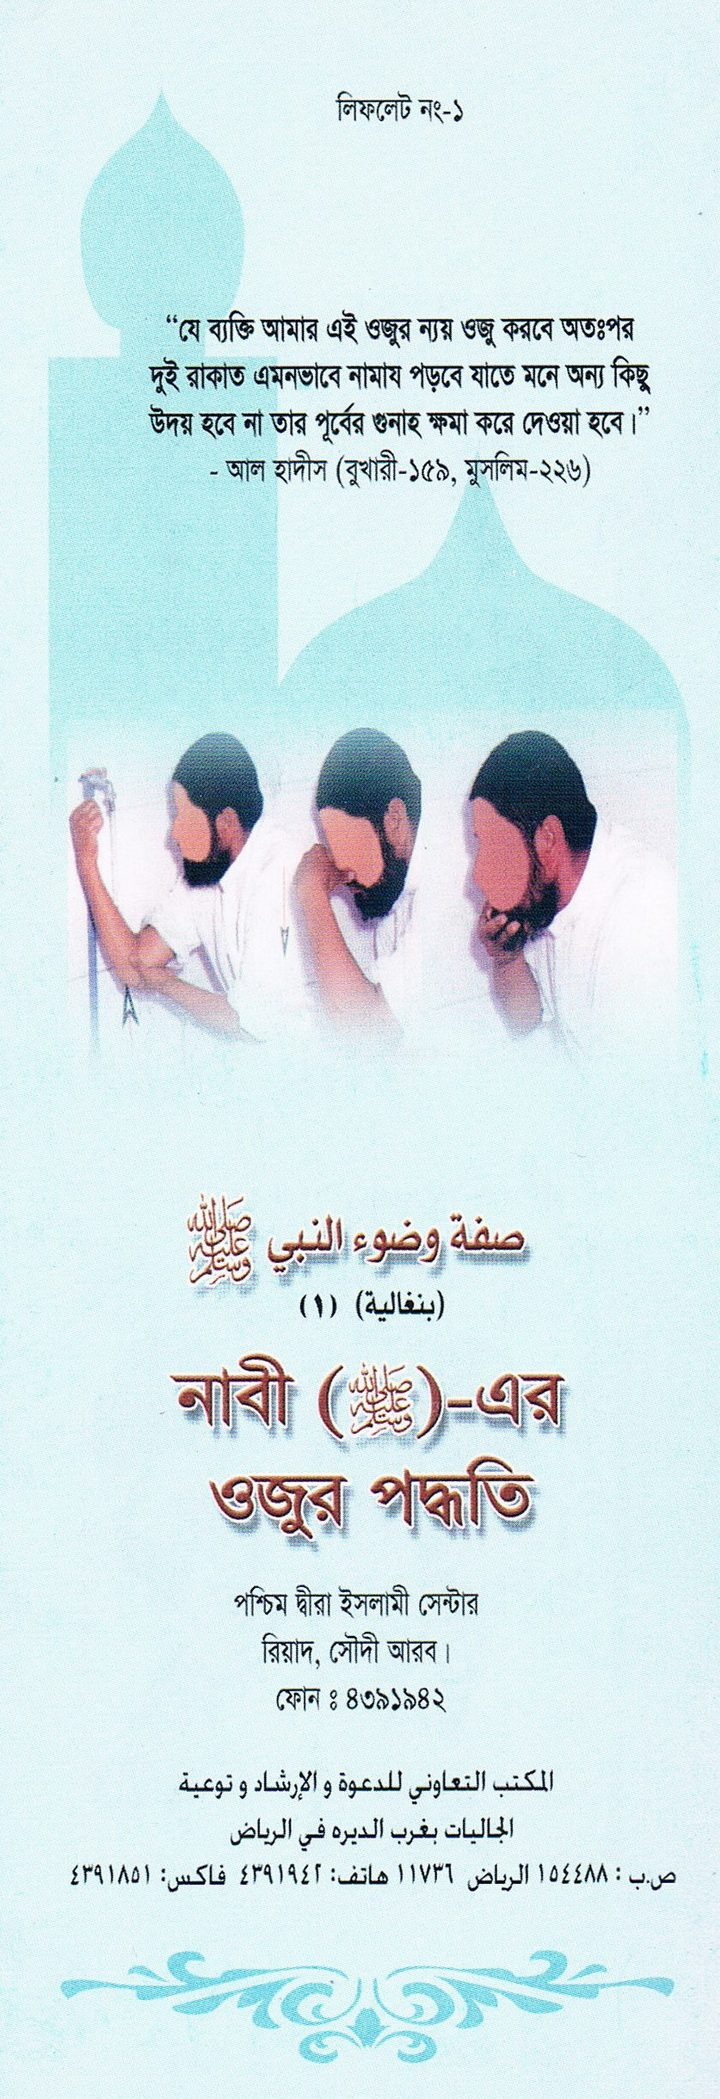 صفة وضوء النبيّ صلّى الله عليه وسلّم (بنغالي)